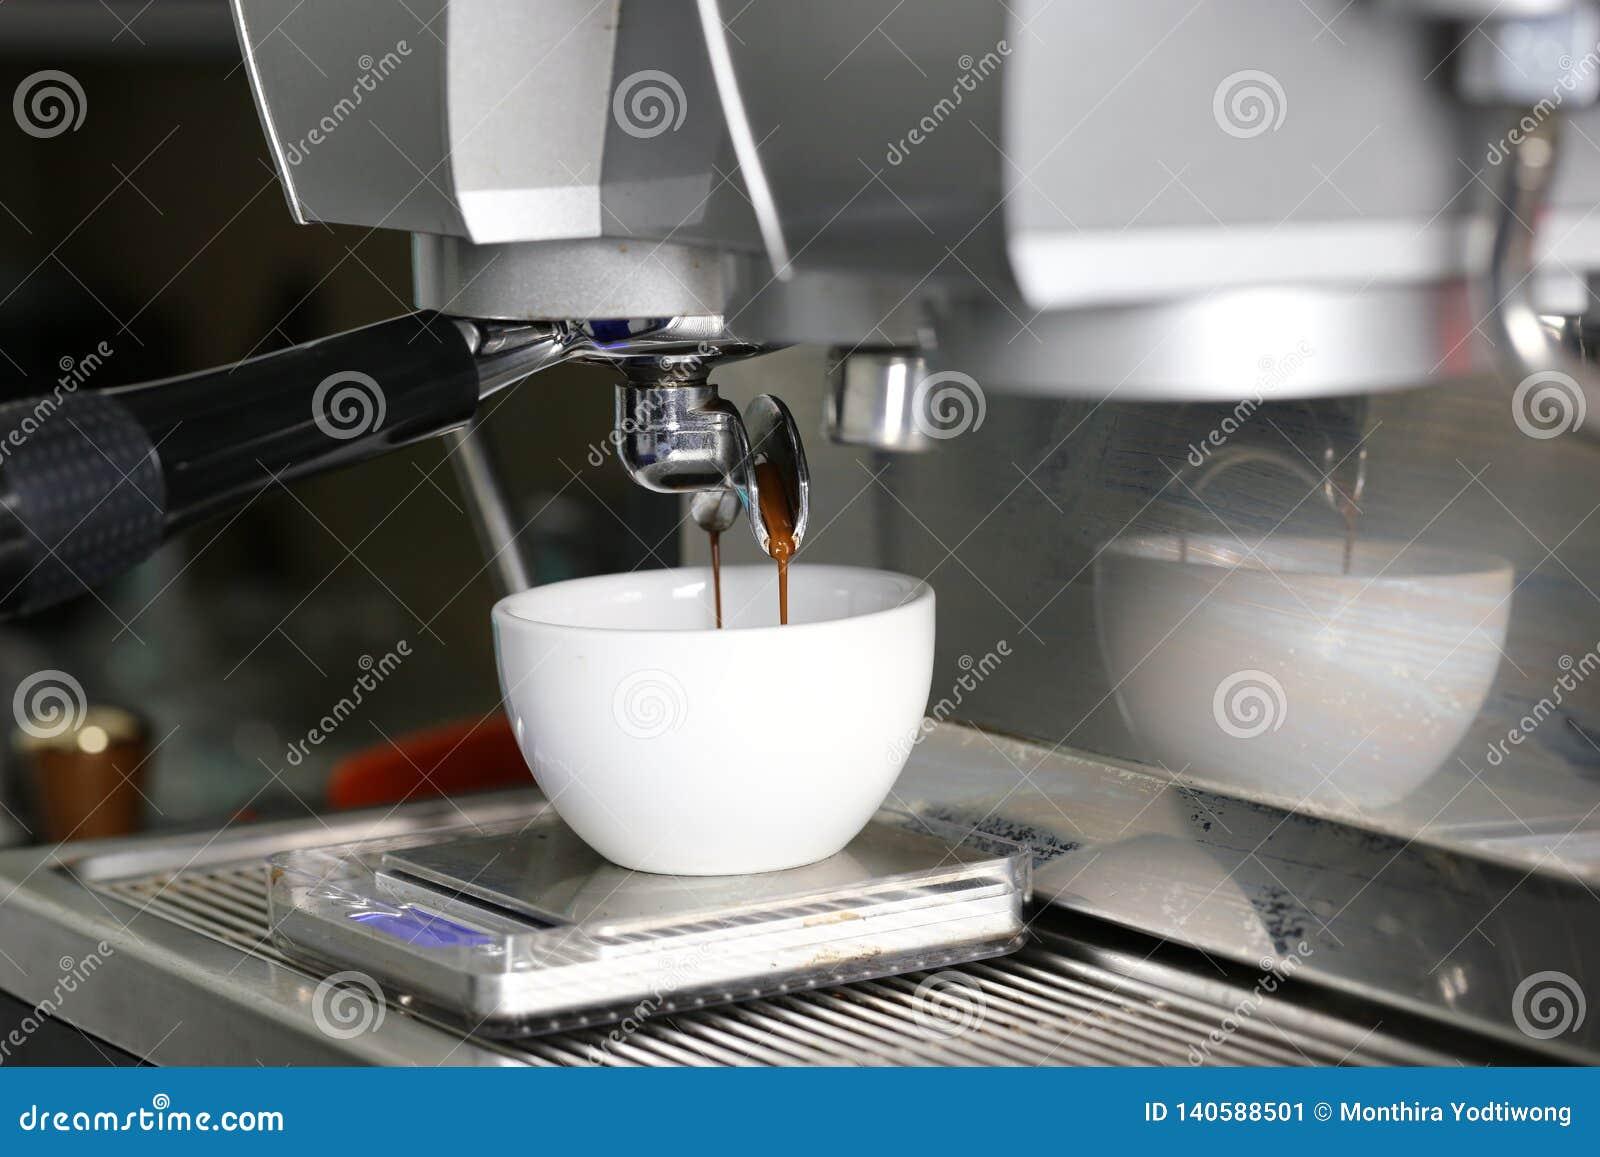 Koffieextractie het gieten in een kop van professionele koffiemachine met bar binnenlandse achtergrond